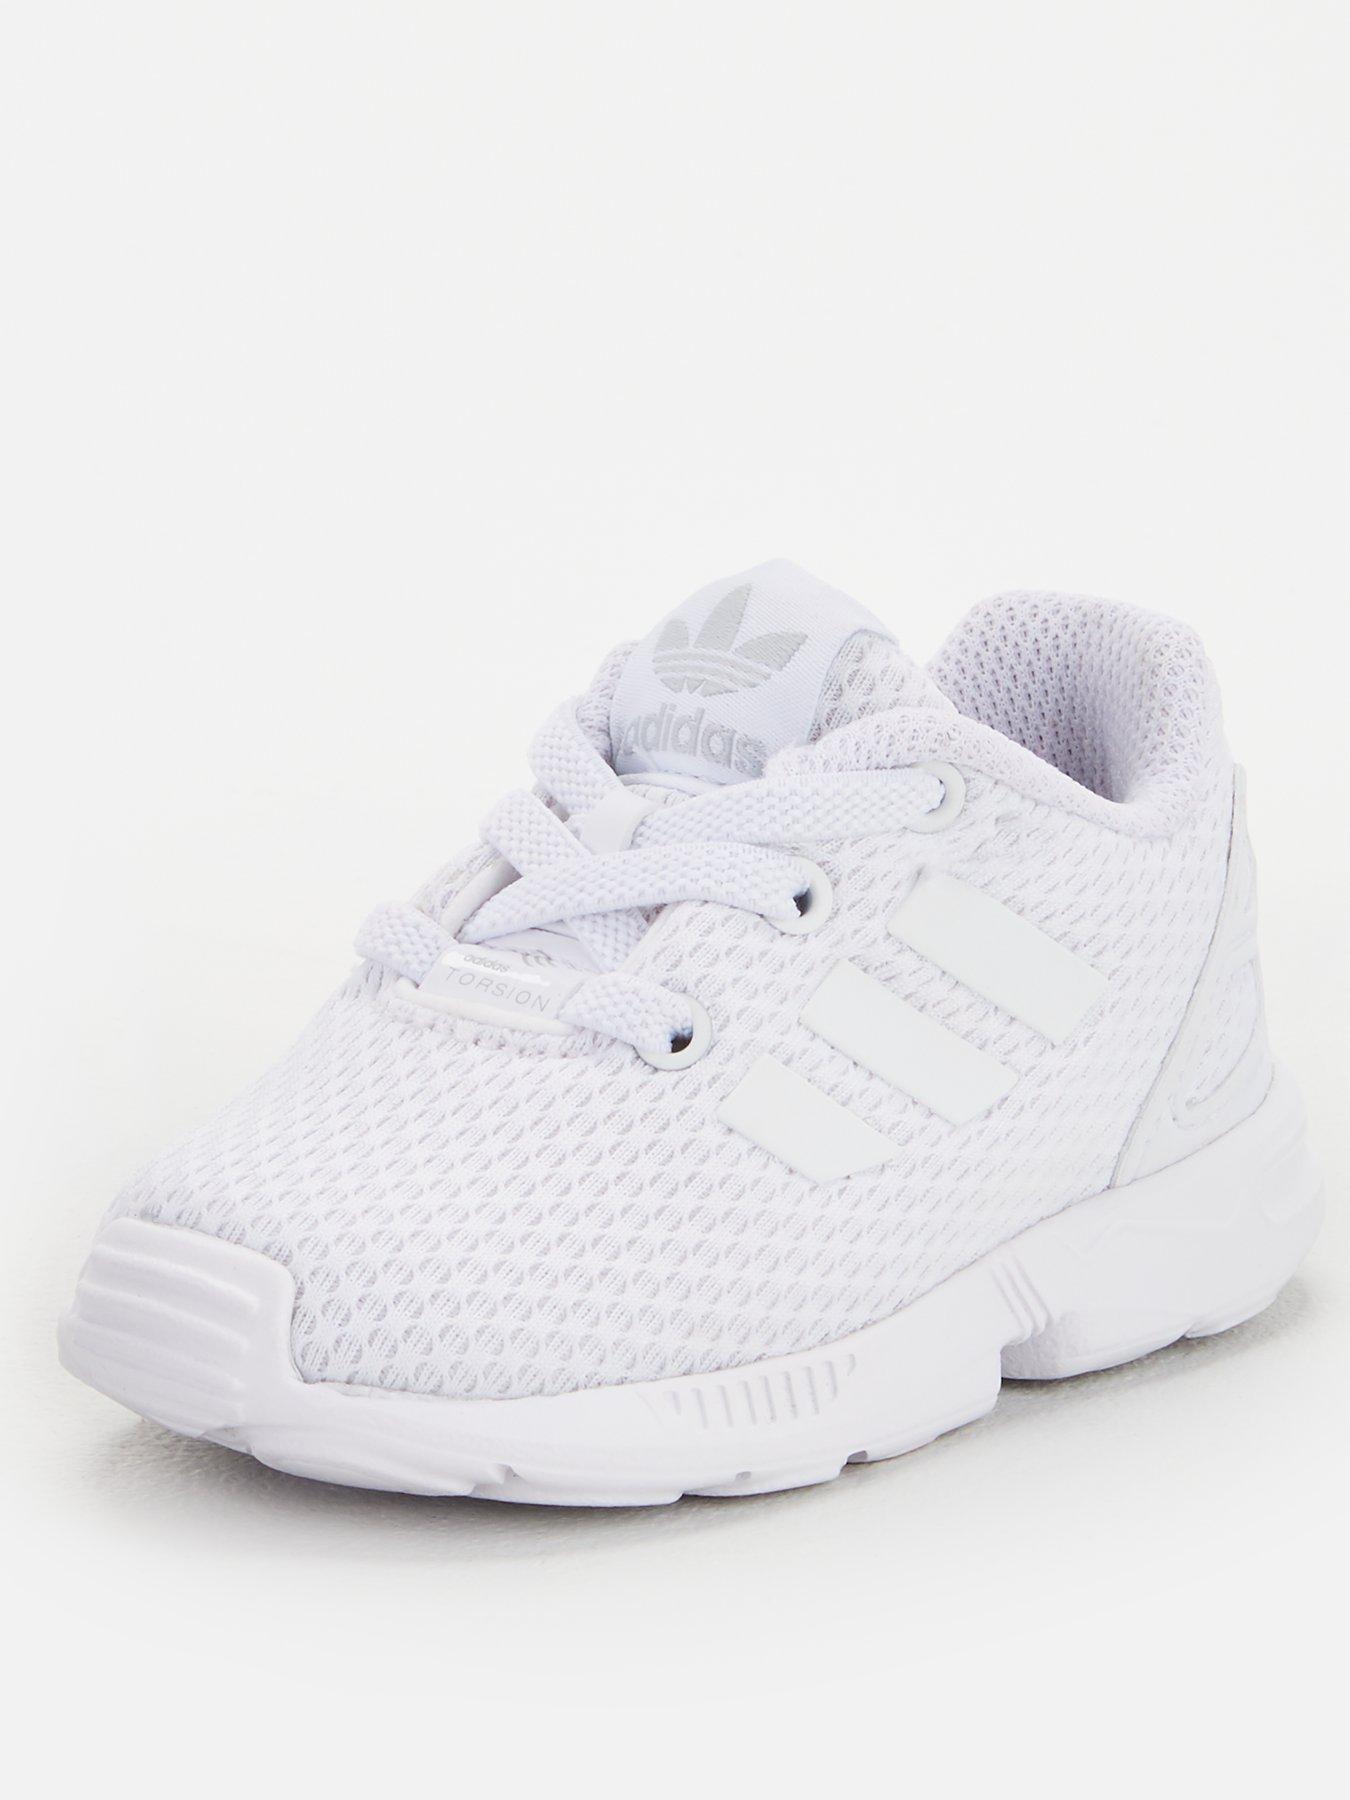 adidas zx flux junior size 4